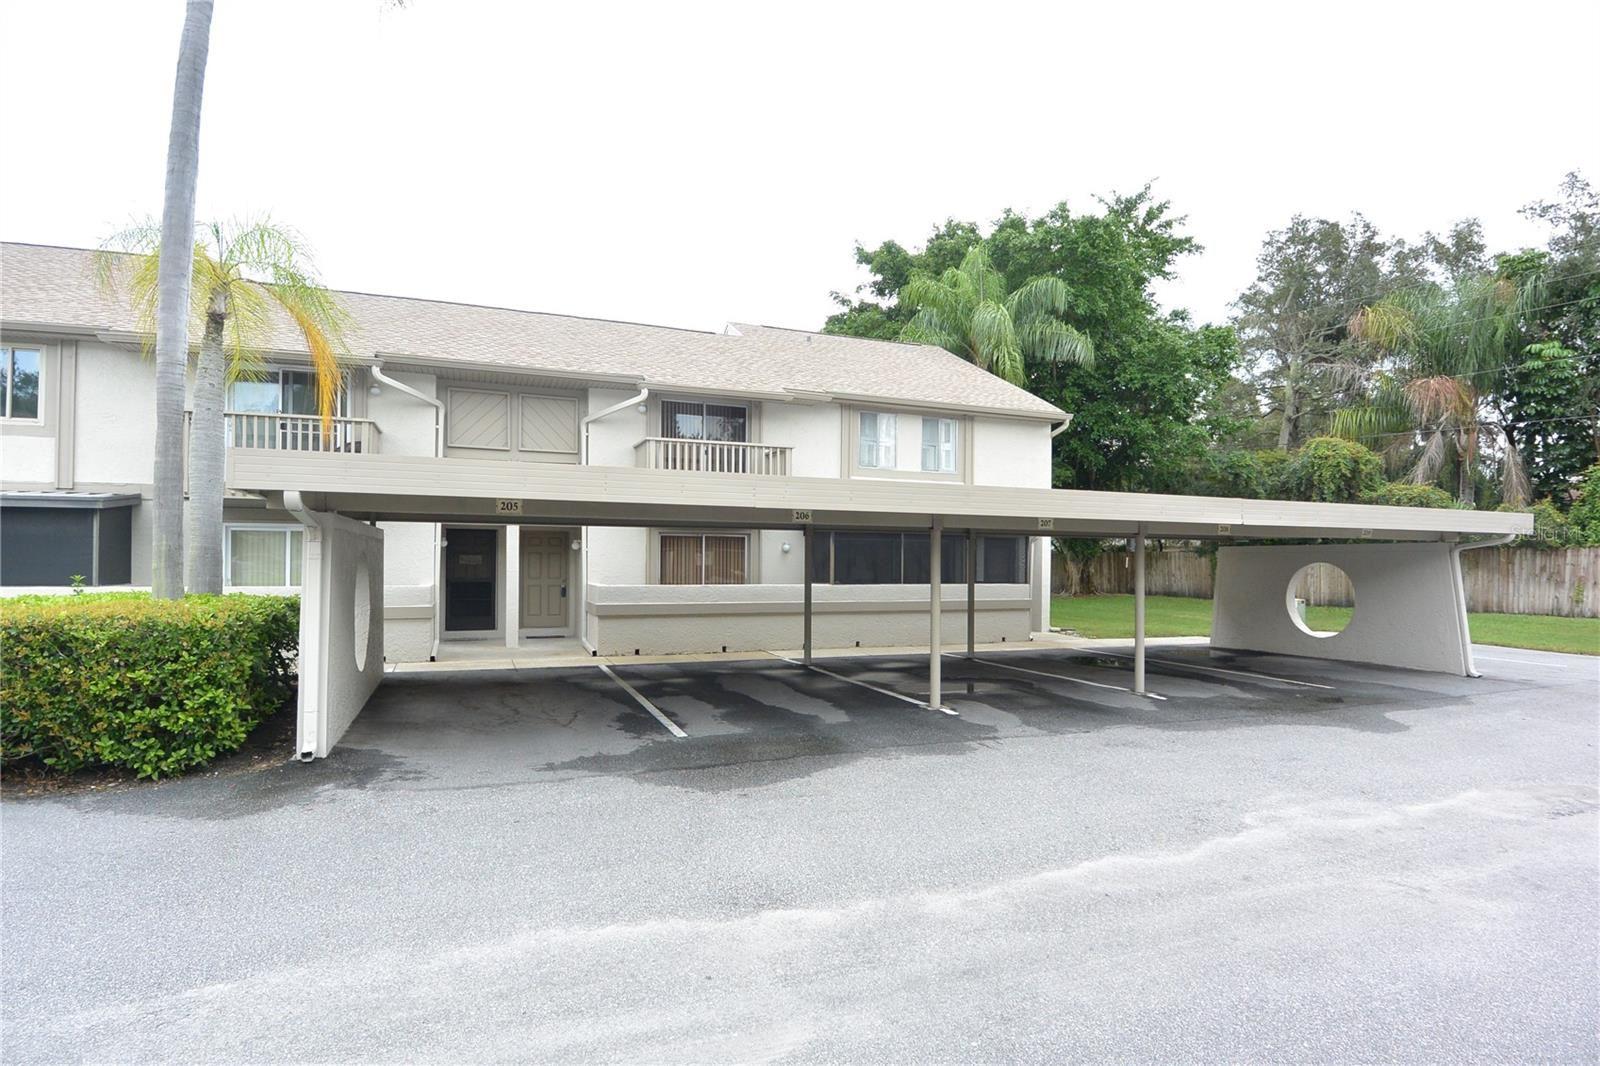 208 BOUGH AVENUE #208, Clearwater, FL 33760 - #: U8135449